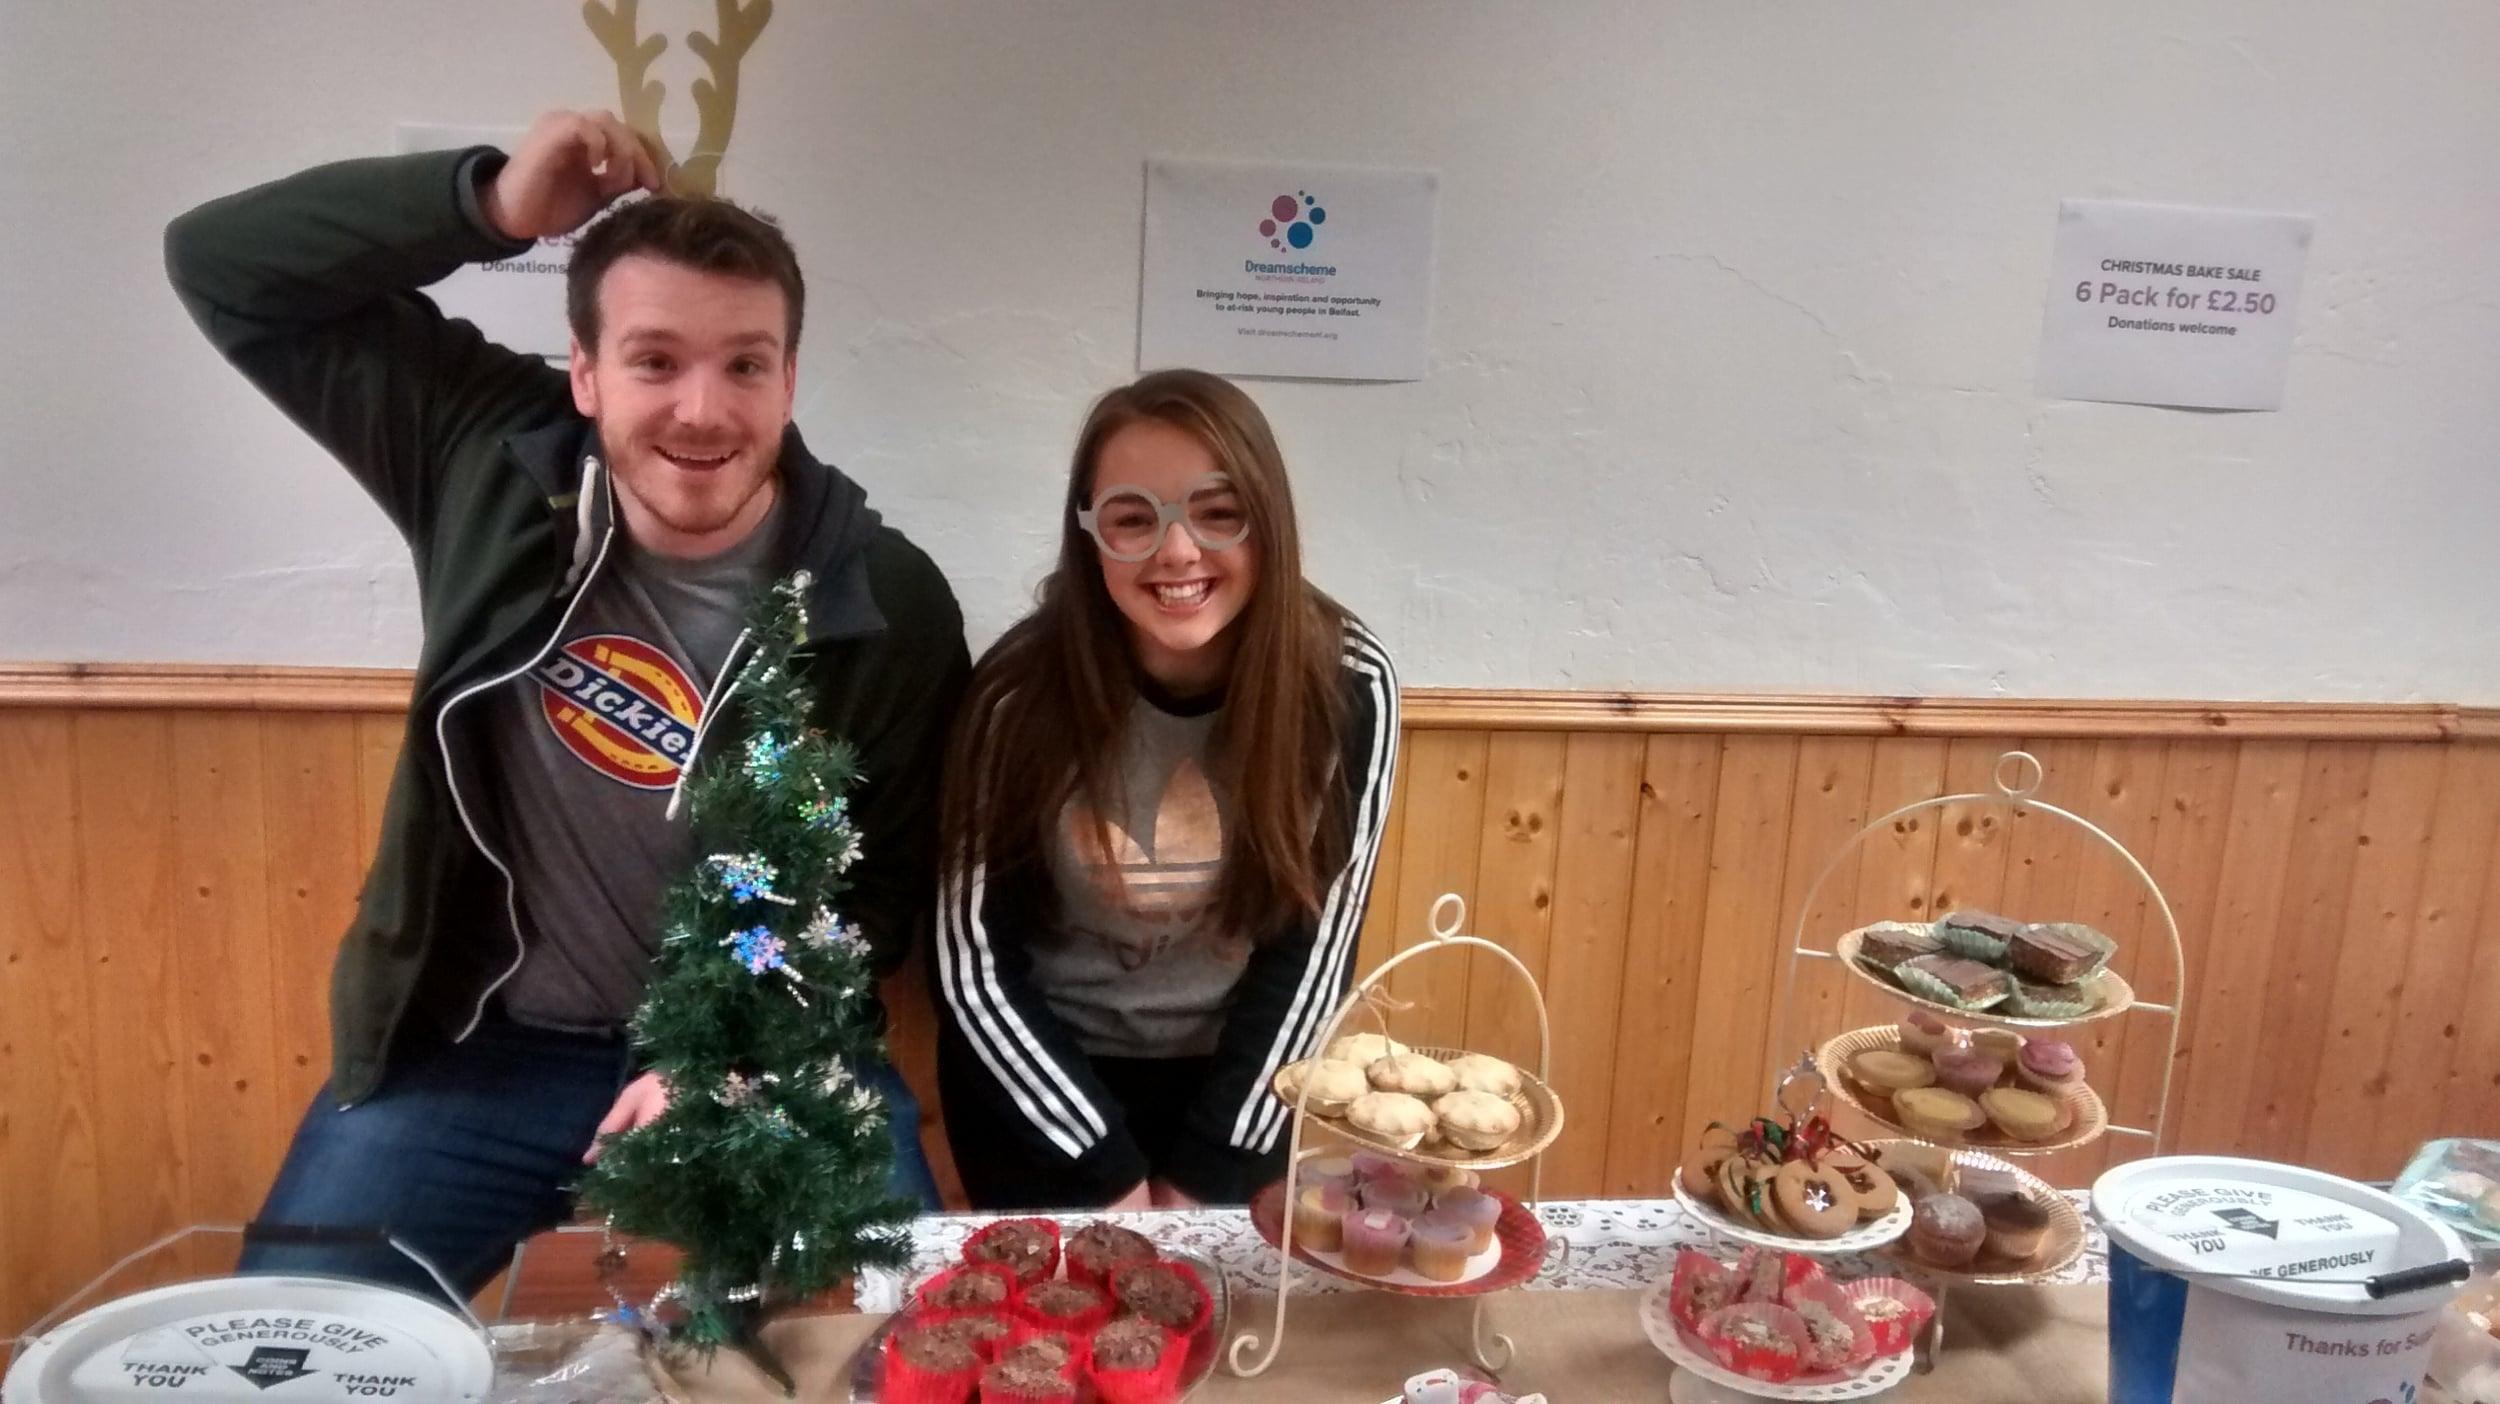 Jonny Luke, our Senior Youth Worker was feeling festive.